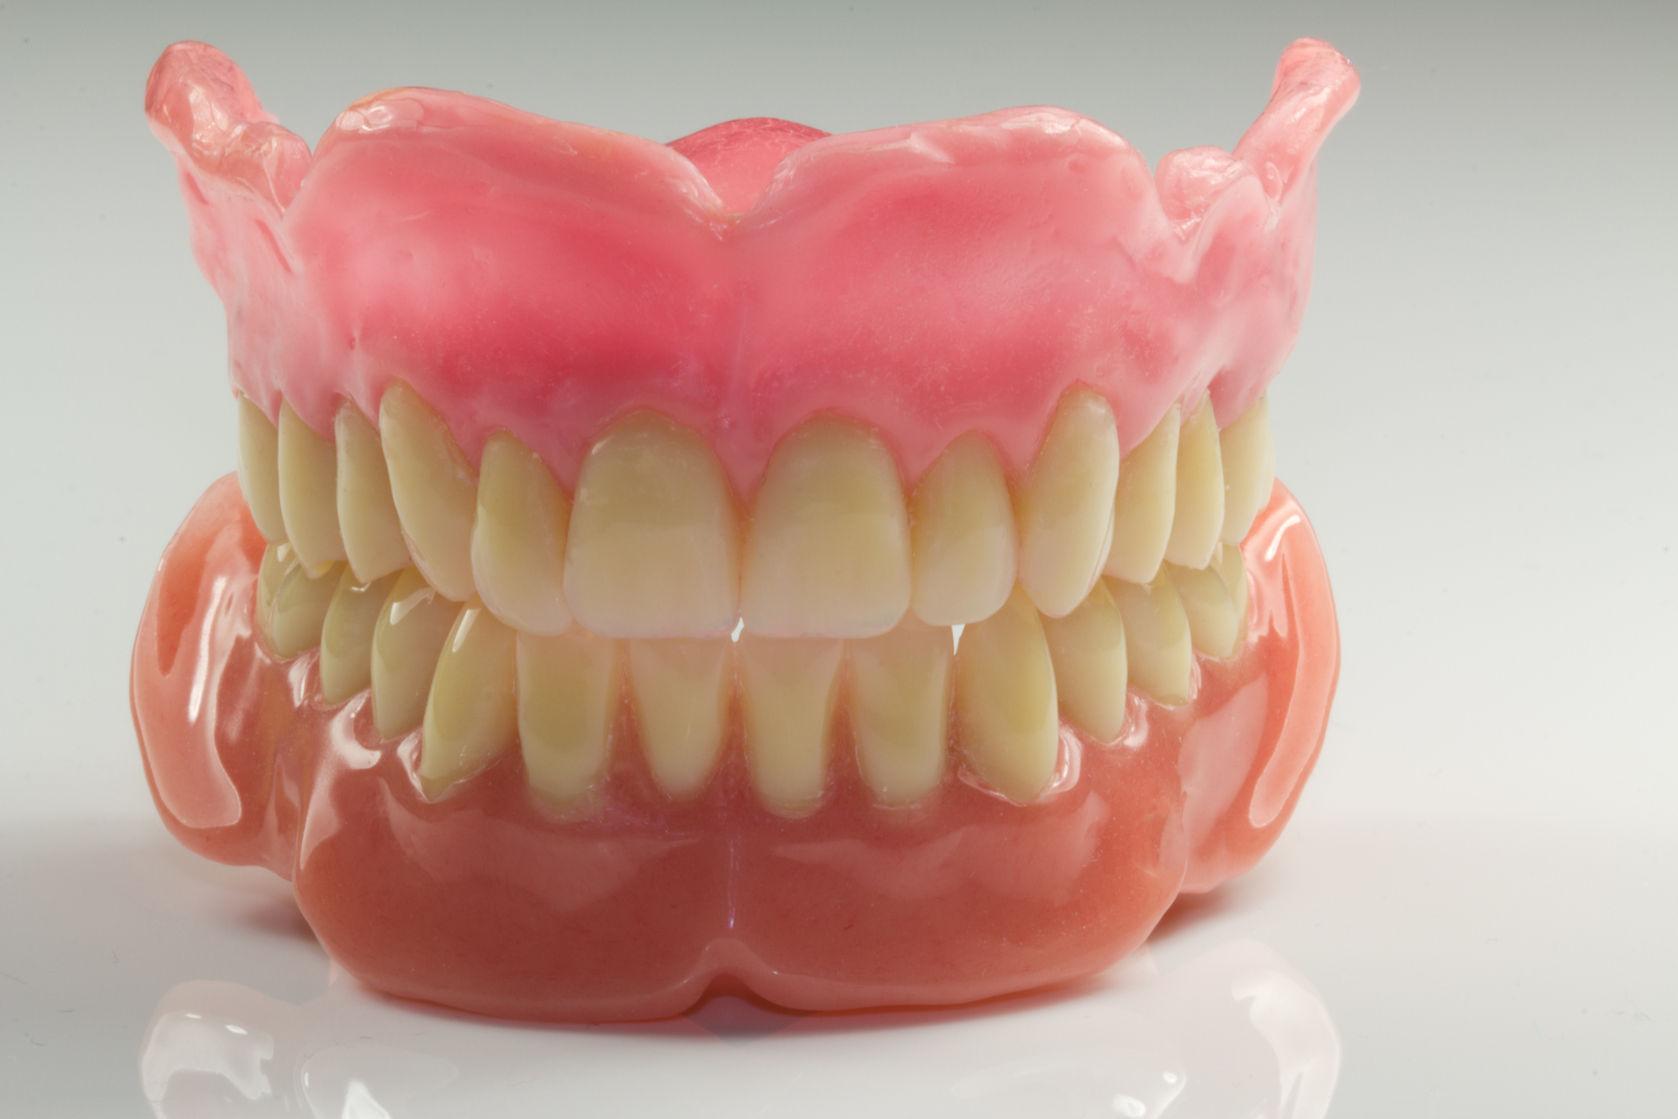 33675566 - dental